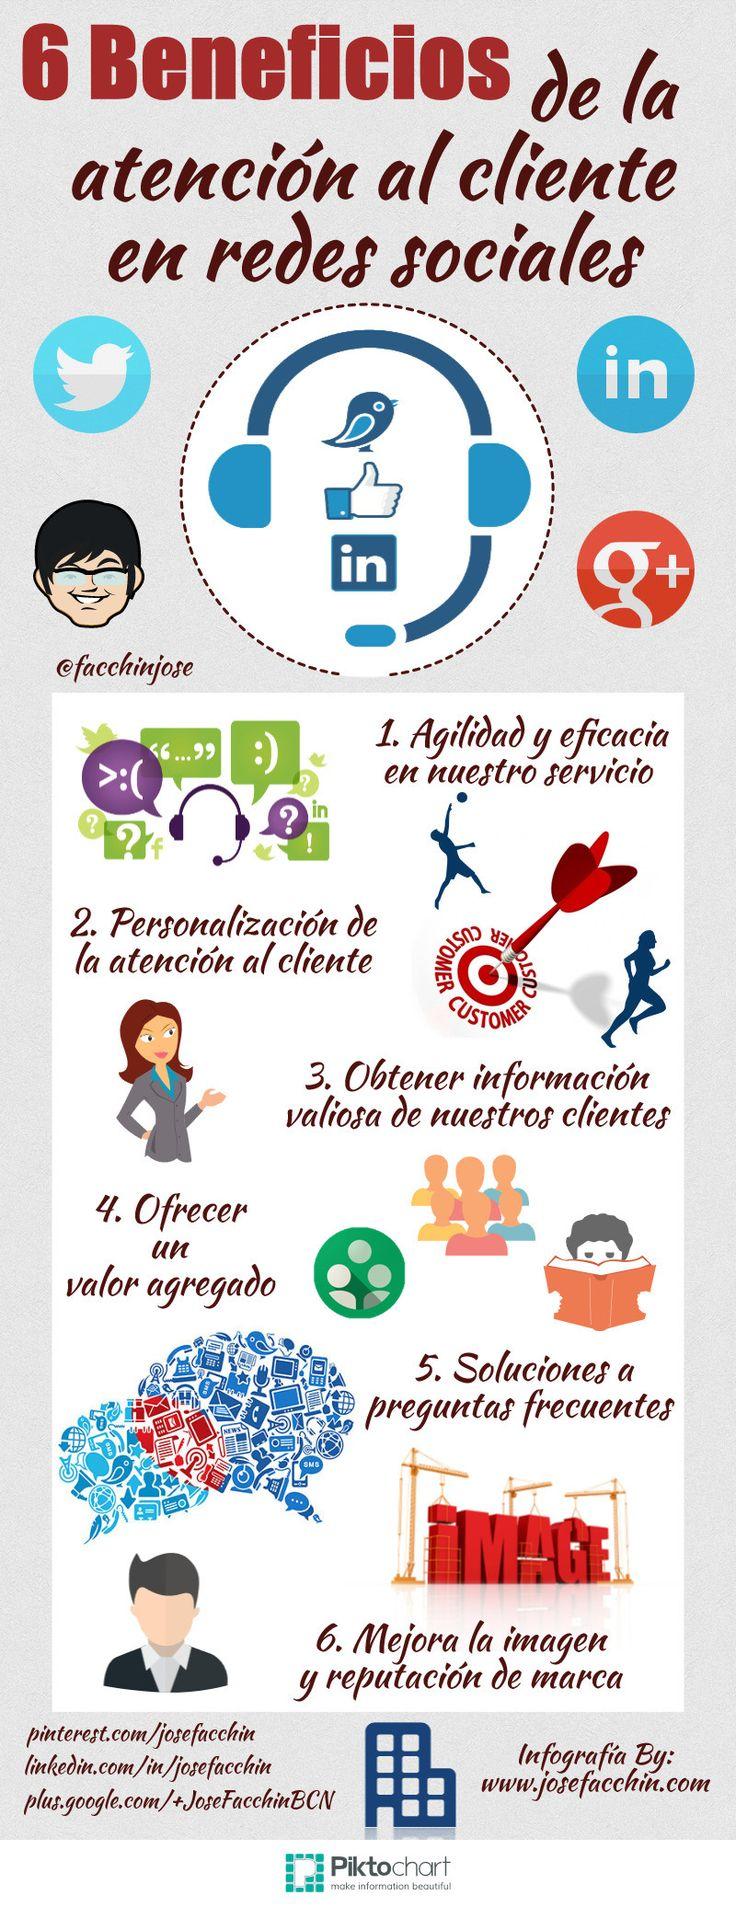 6 beneficios de la atención al cliente en Redes Sociales Por: www.josefacchin.com #infografia #infographic #socialmedia